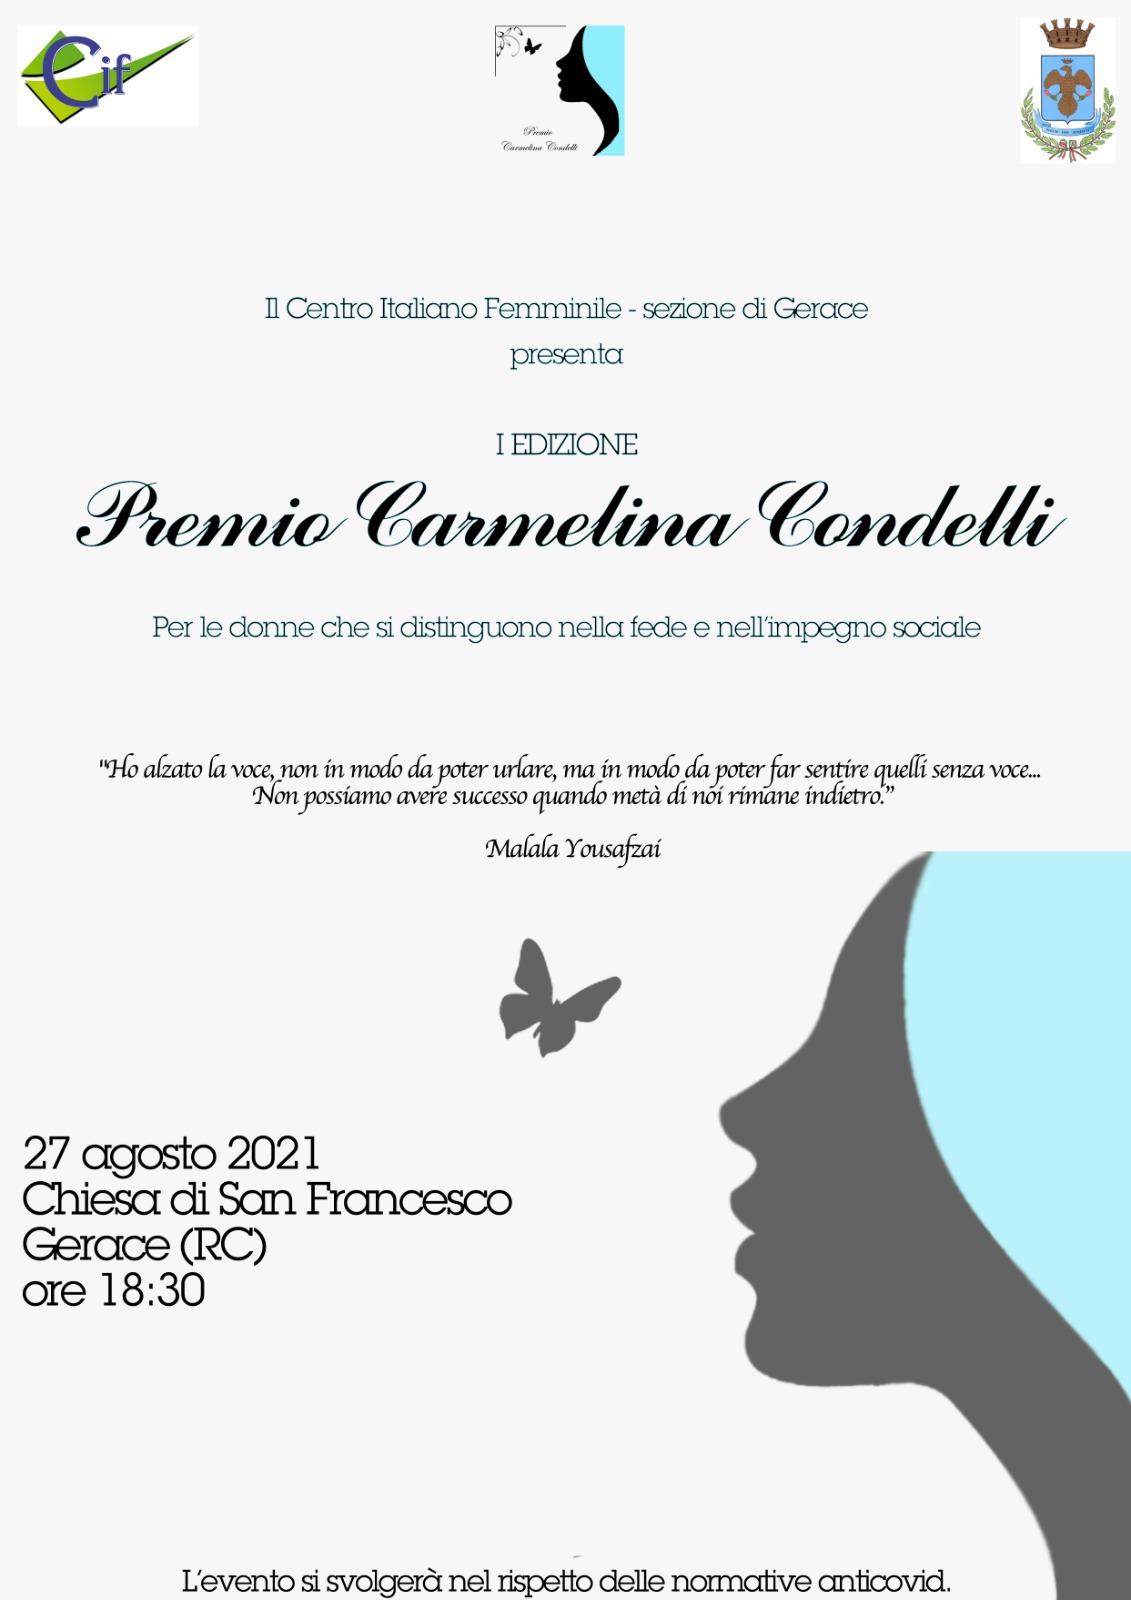 """GERACE (RC): I Edizione del """"Premio Carmelina Condelli"""""""